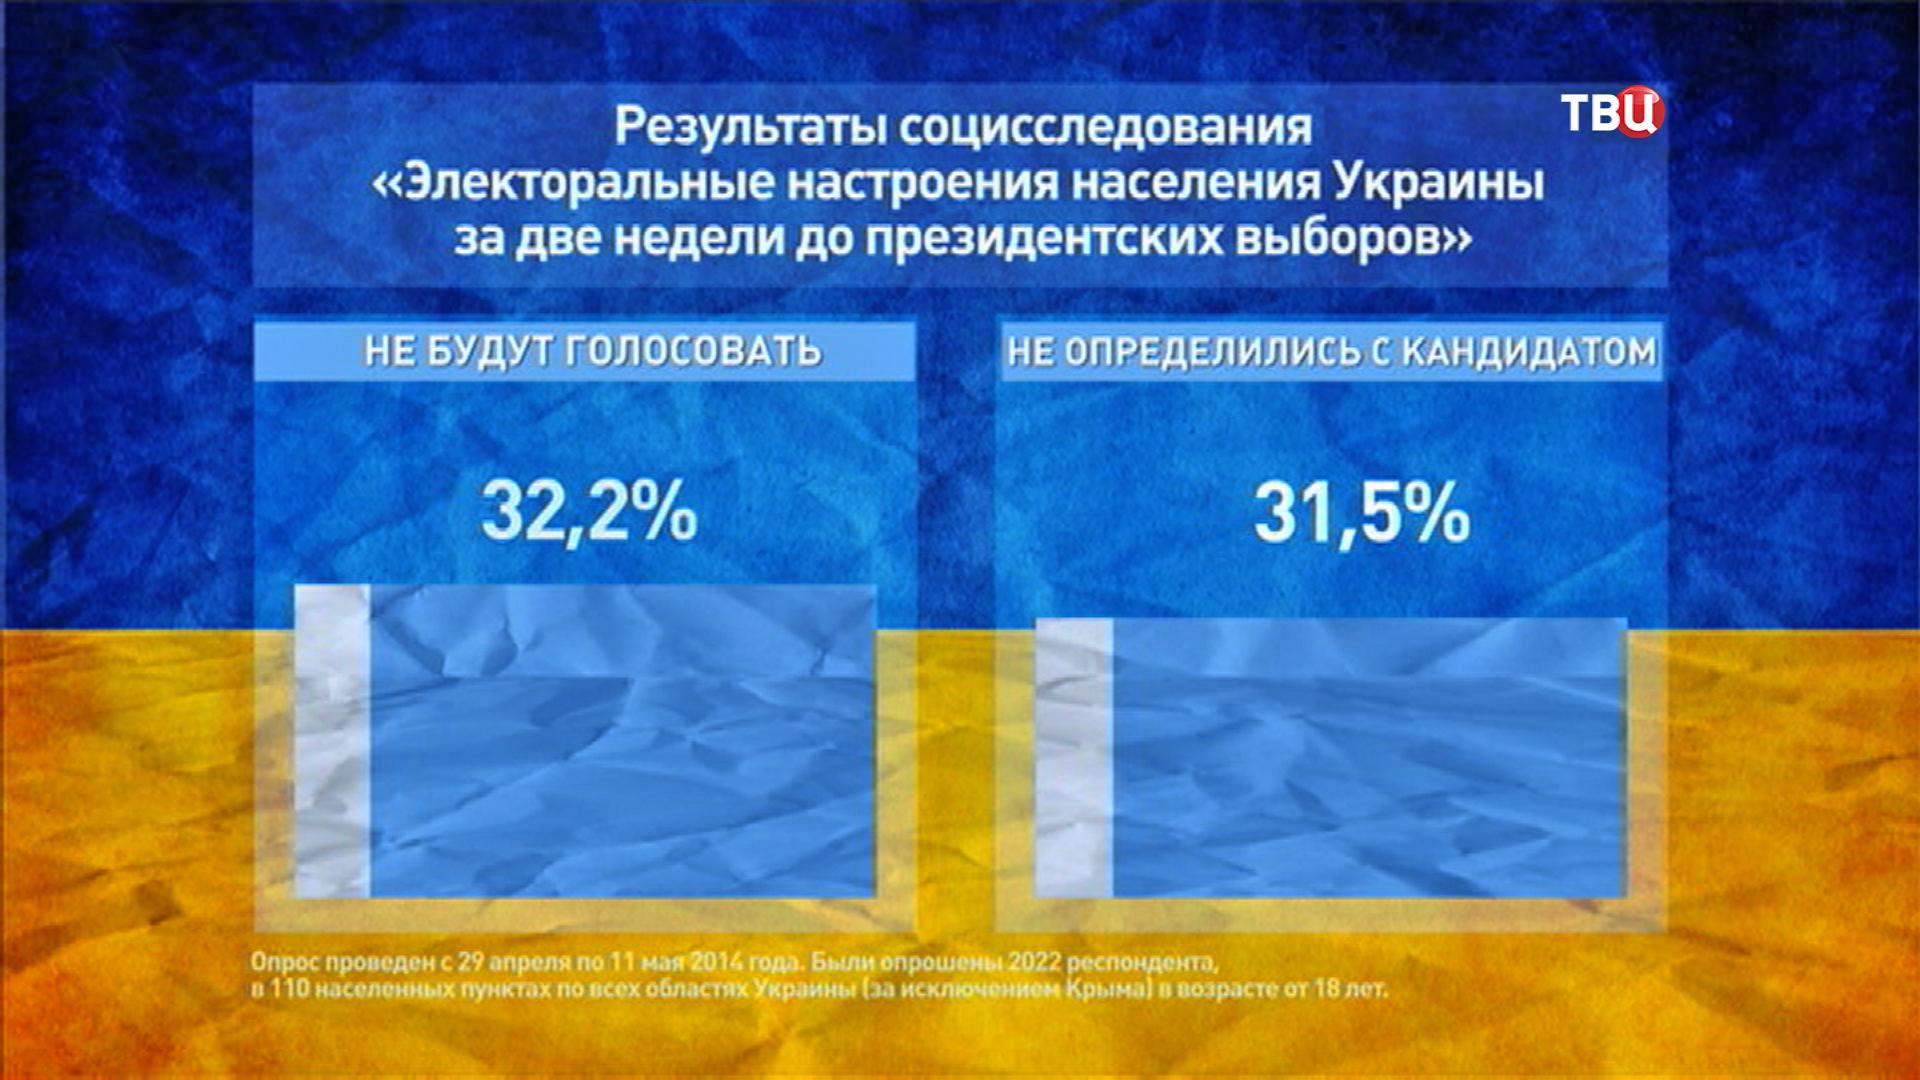 Результаты опроса населения Украины